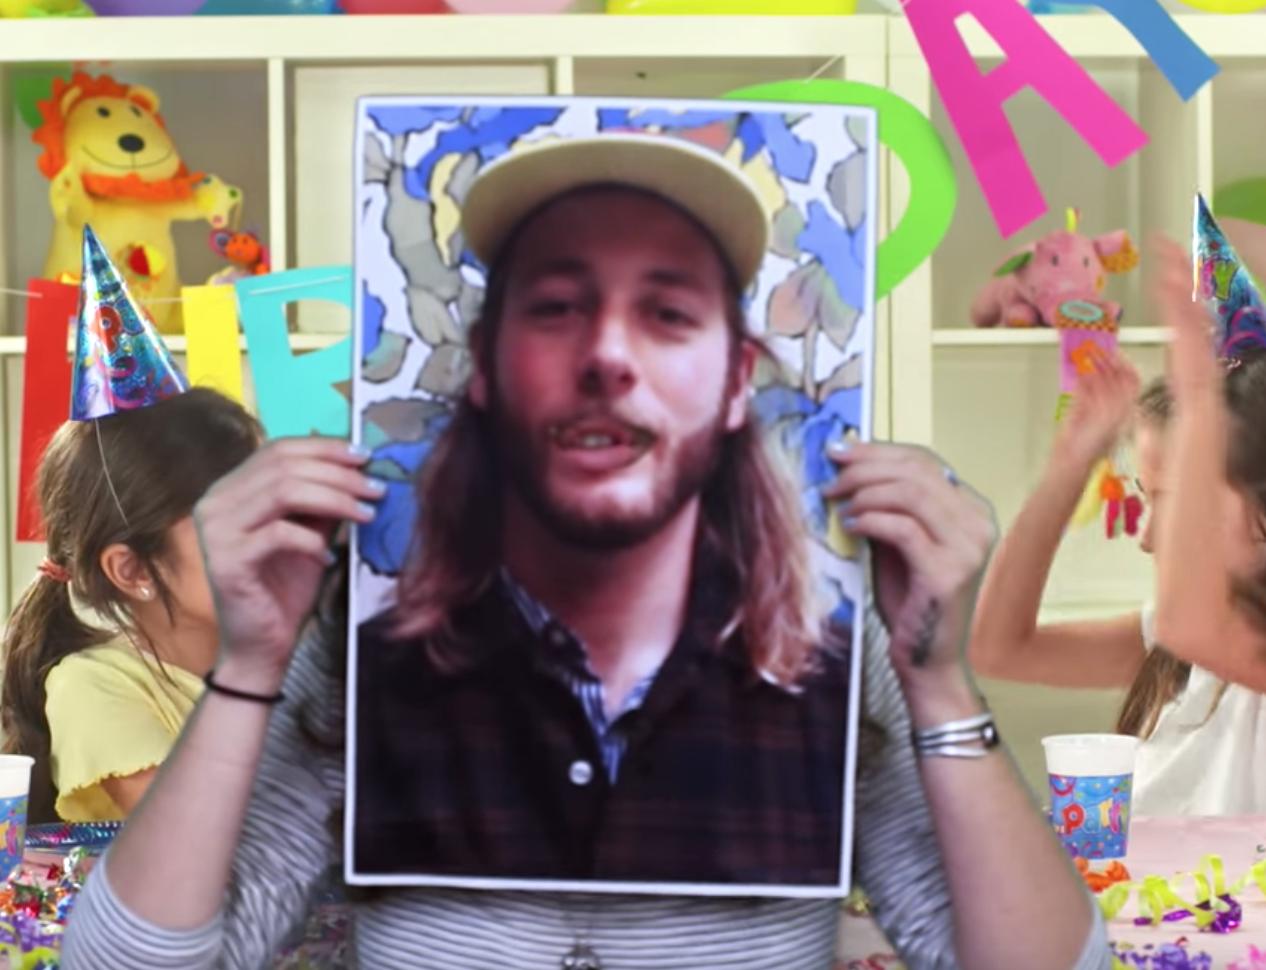 JDR's birthday video